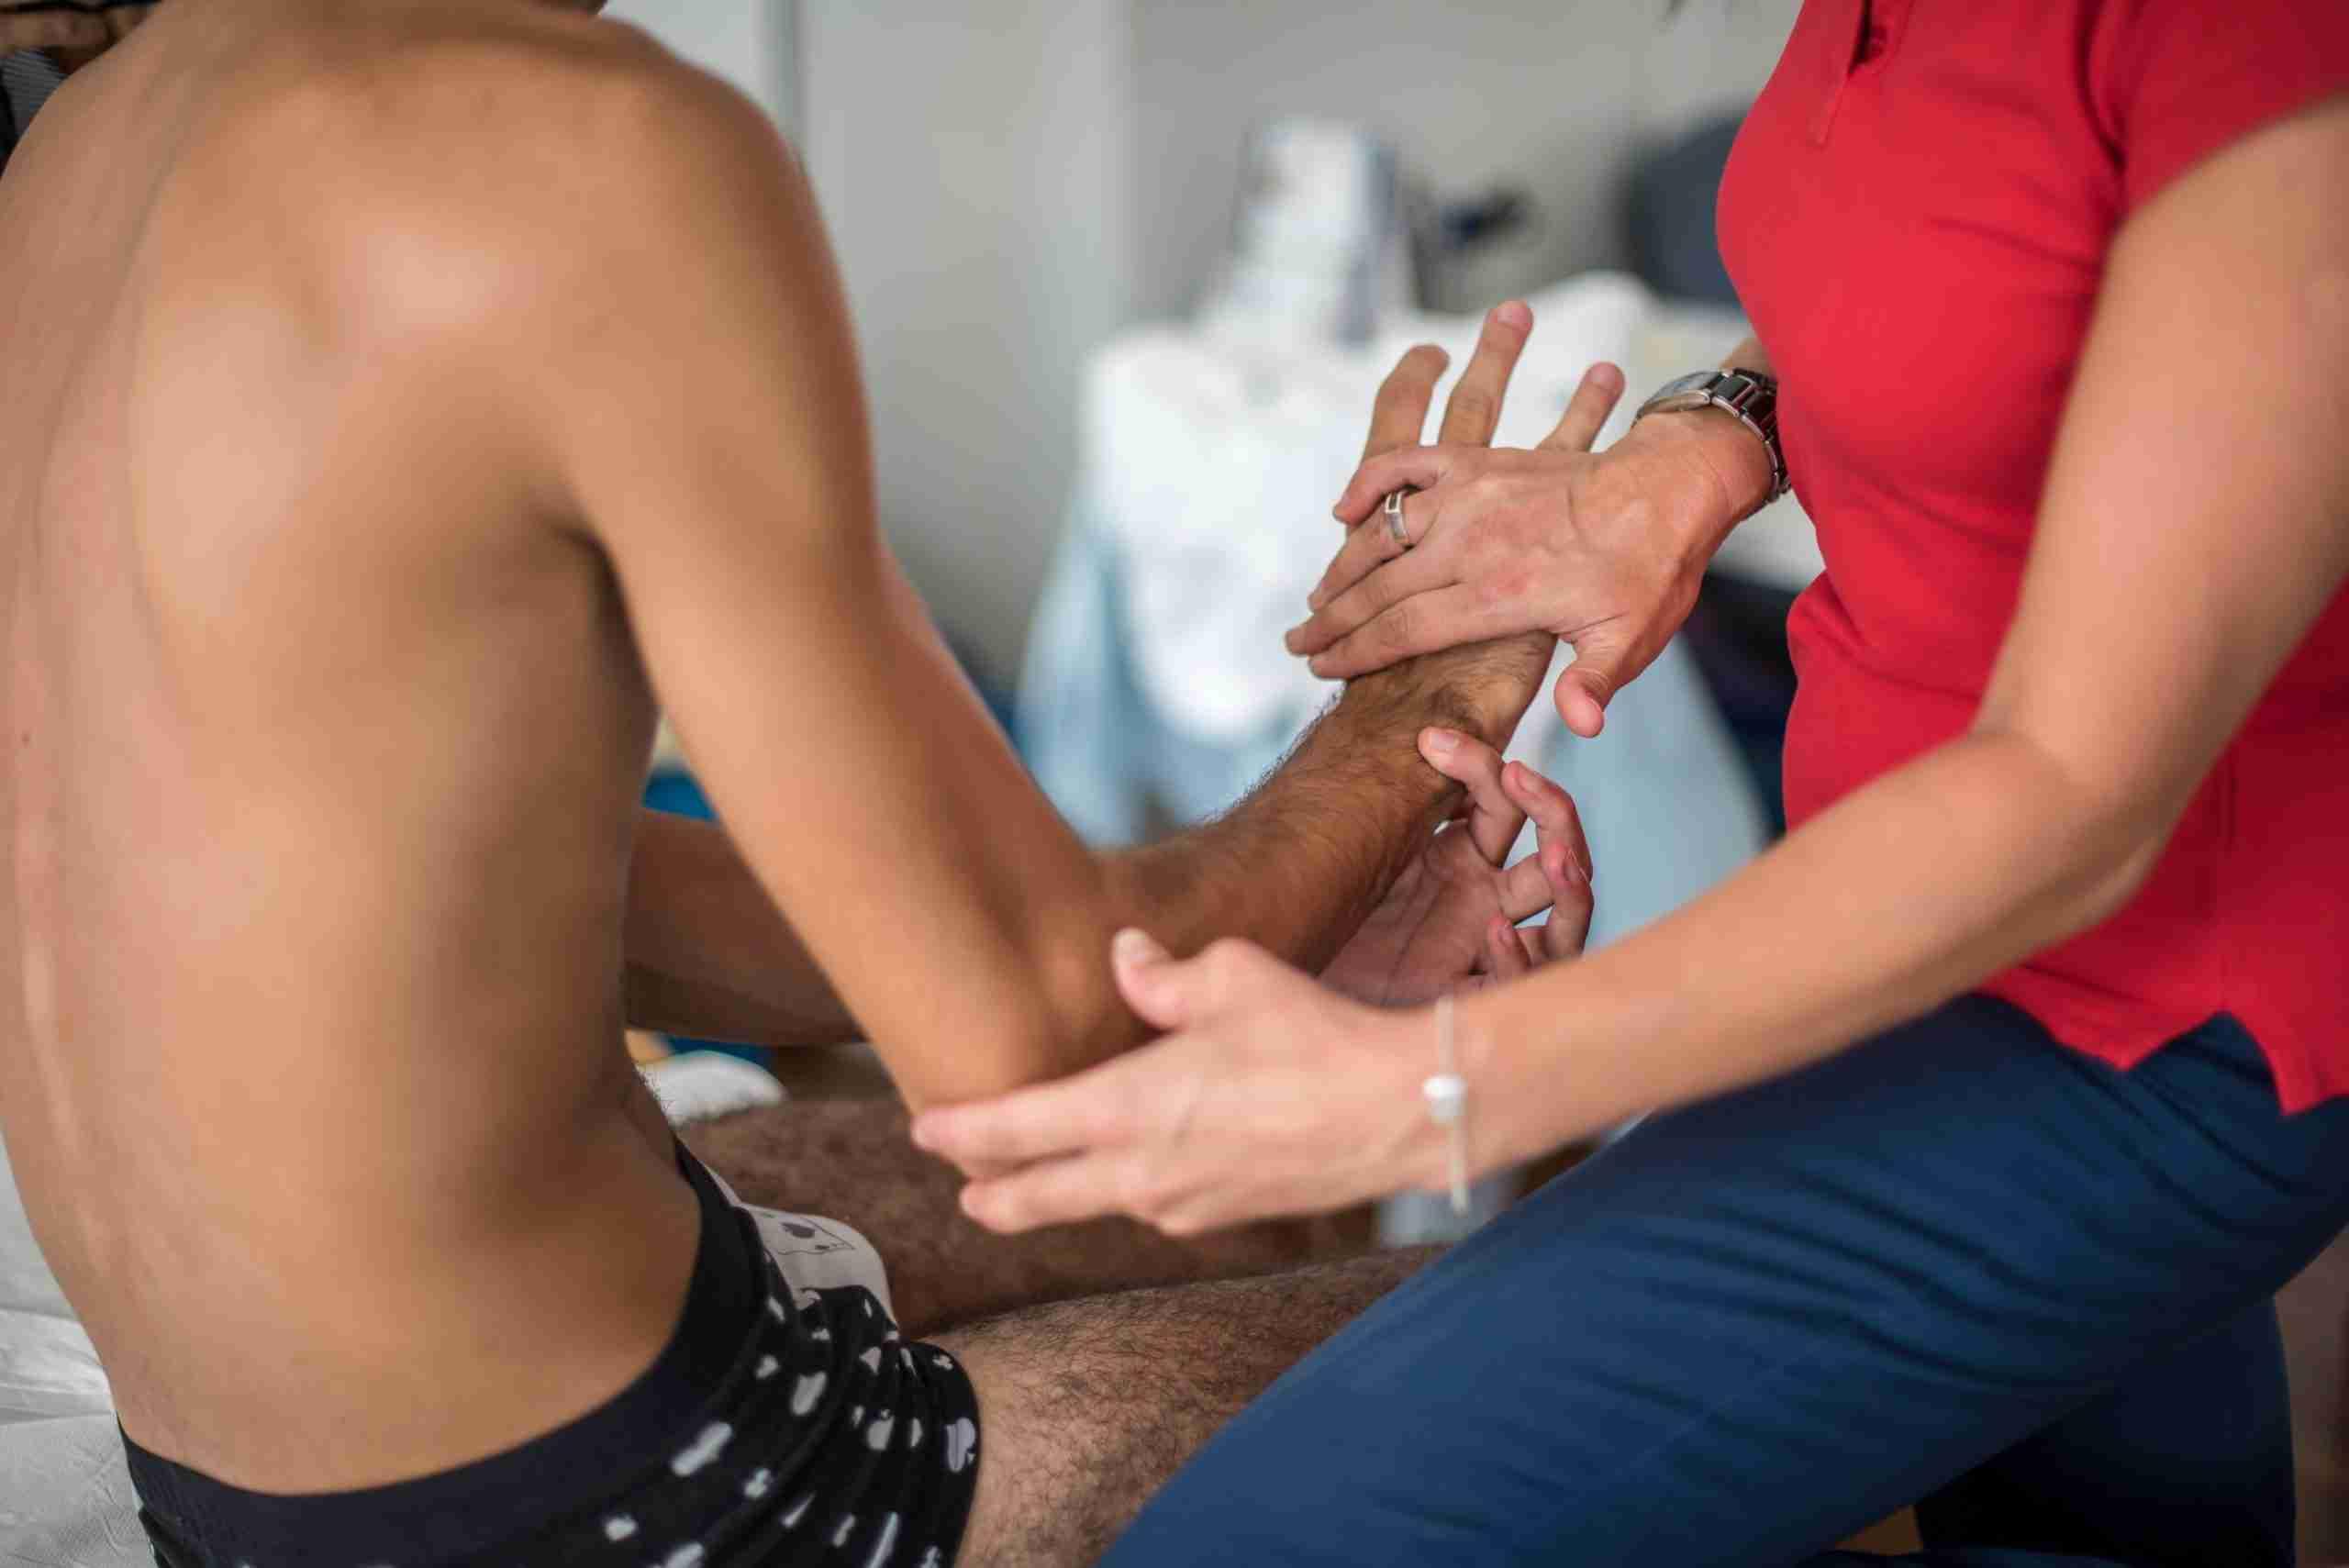 Día Mundial de las Enfermedades Raras. La demora en el diagnóstico precoz puede ocasionar un agravamiento de la enfermedad 3